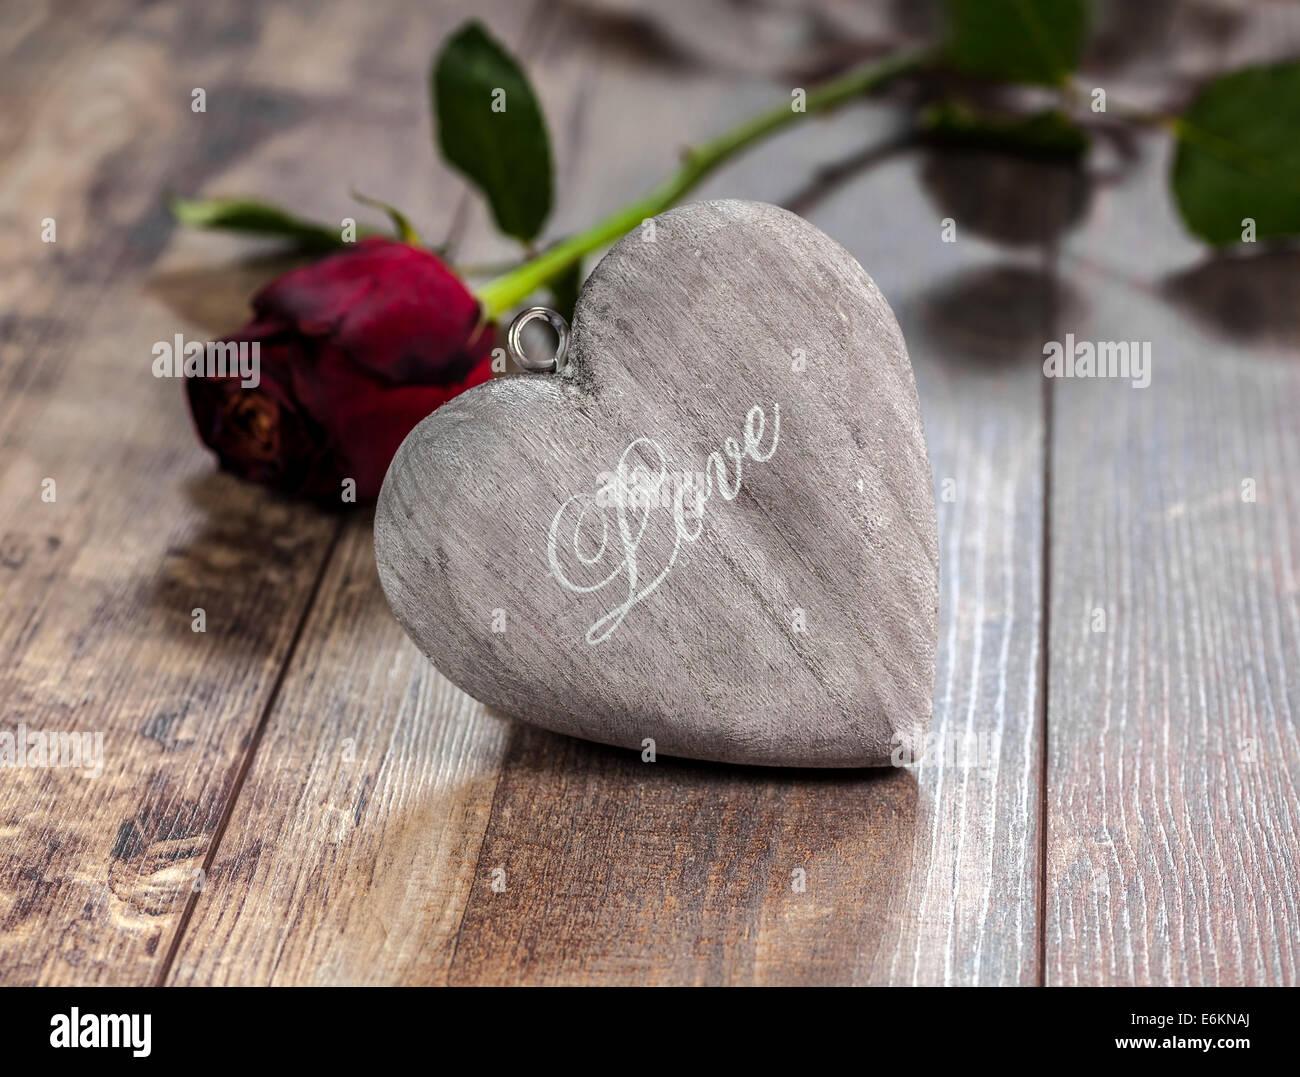 Il giorno di San Valentino il simbolo. Cuore su uno sfondo di legno con una rosa rossa. Immagini Stock